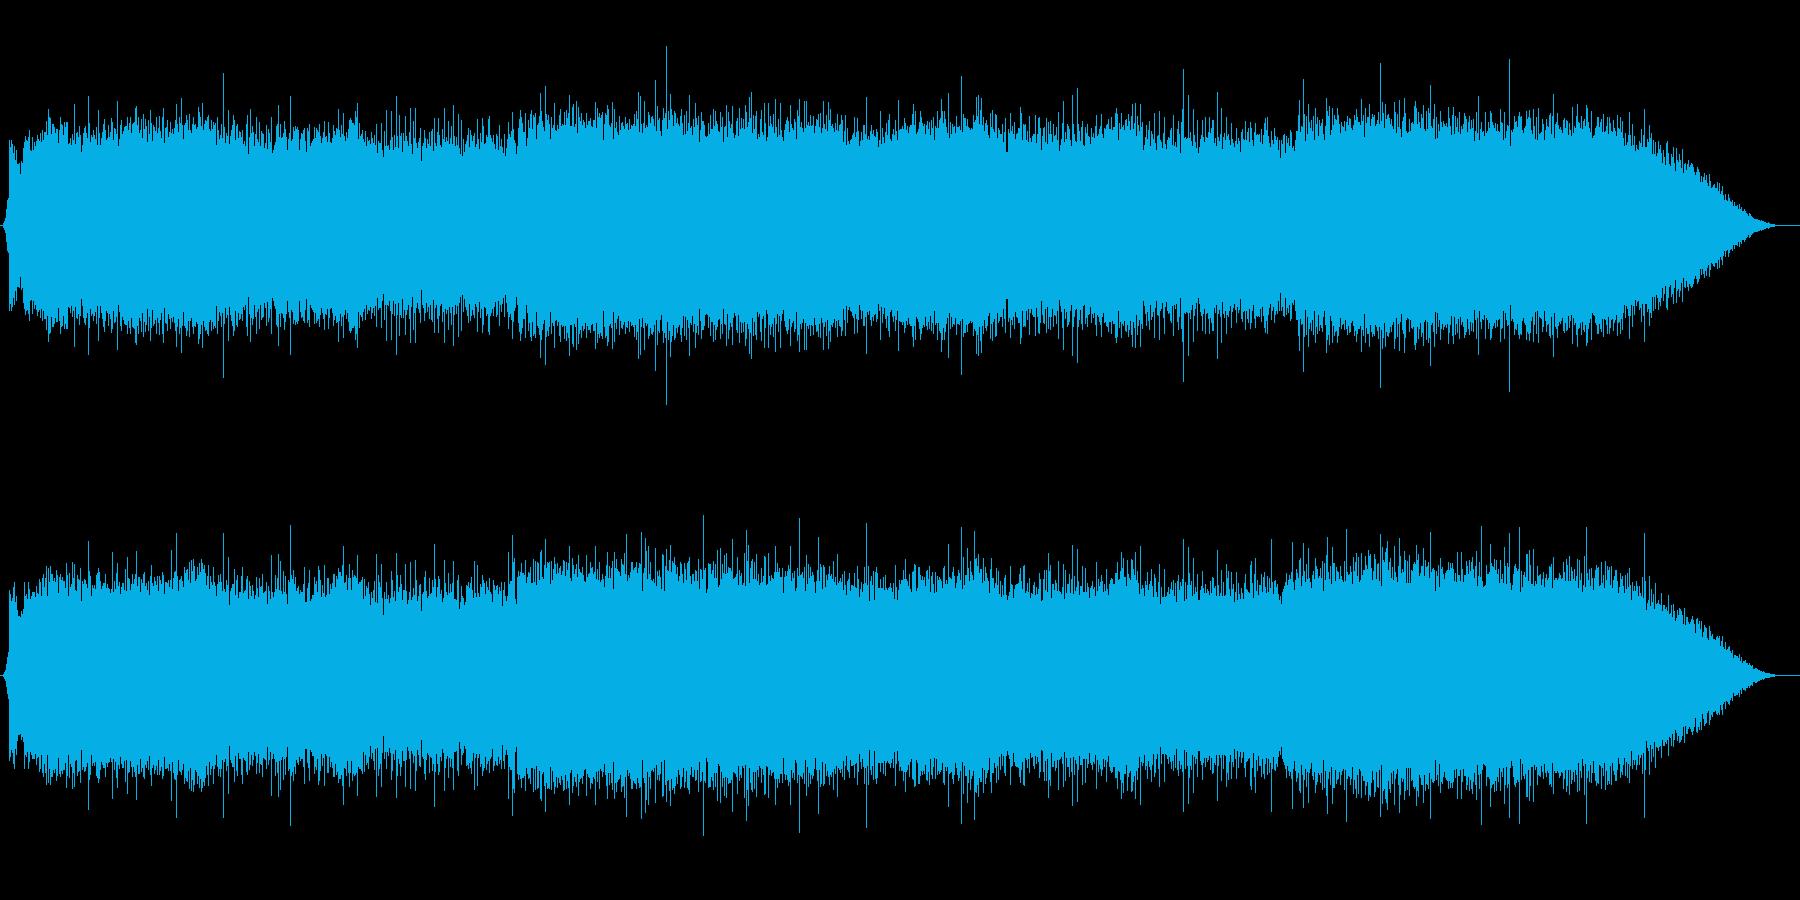 バンドとシンセとストリングスのバトル曲の再生済みの波形